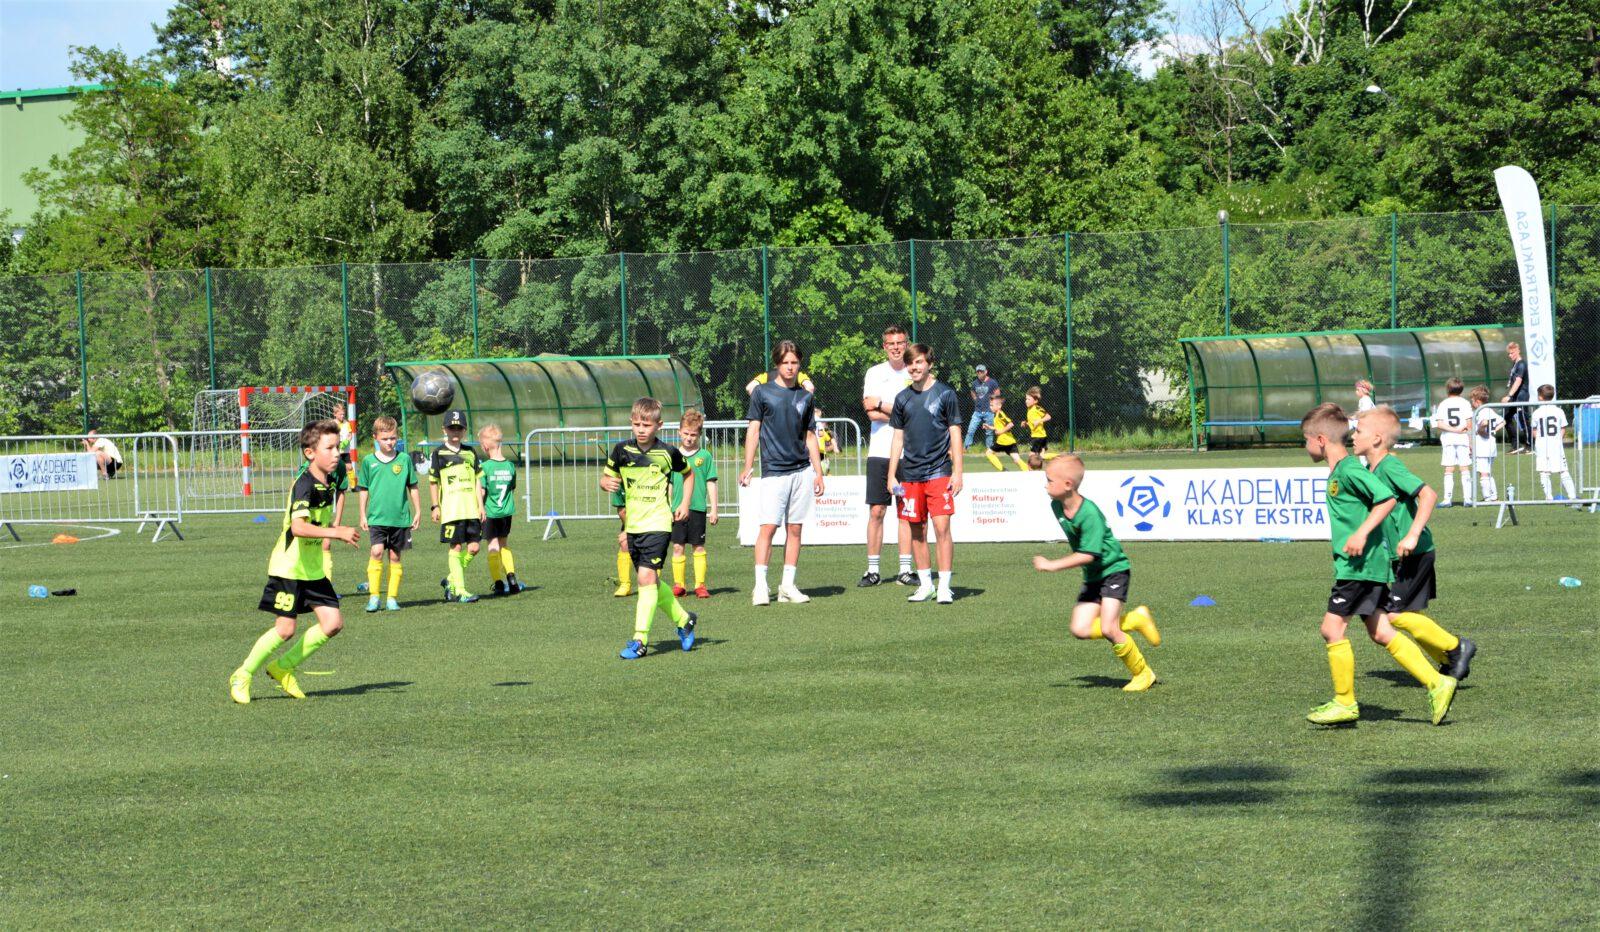 Turniej rozgrywany był także na boisku ze sztuczną nawierzchnią